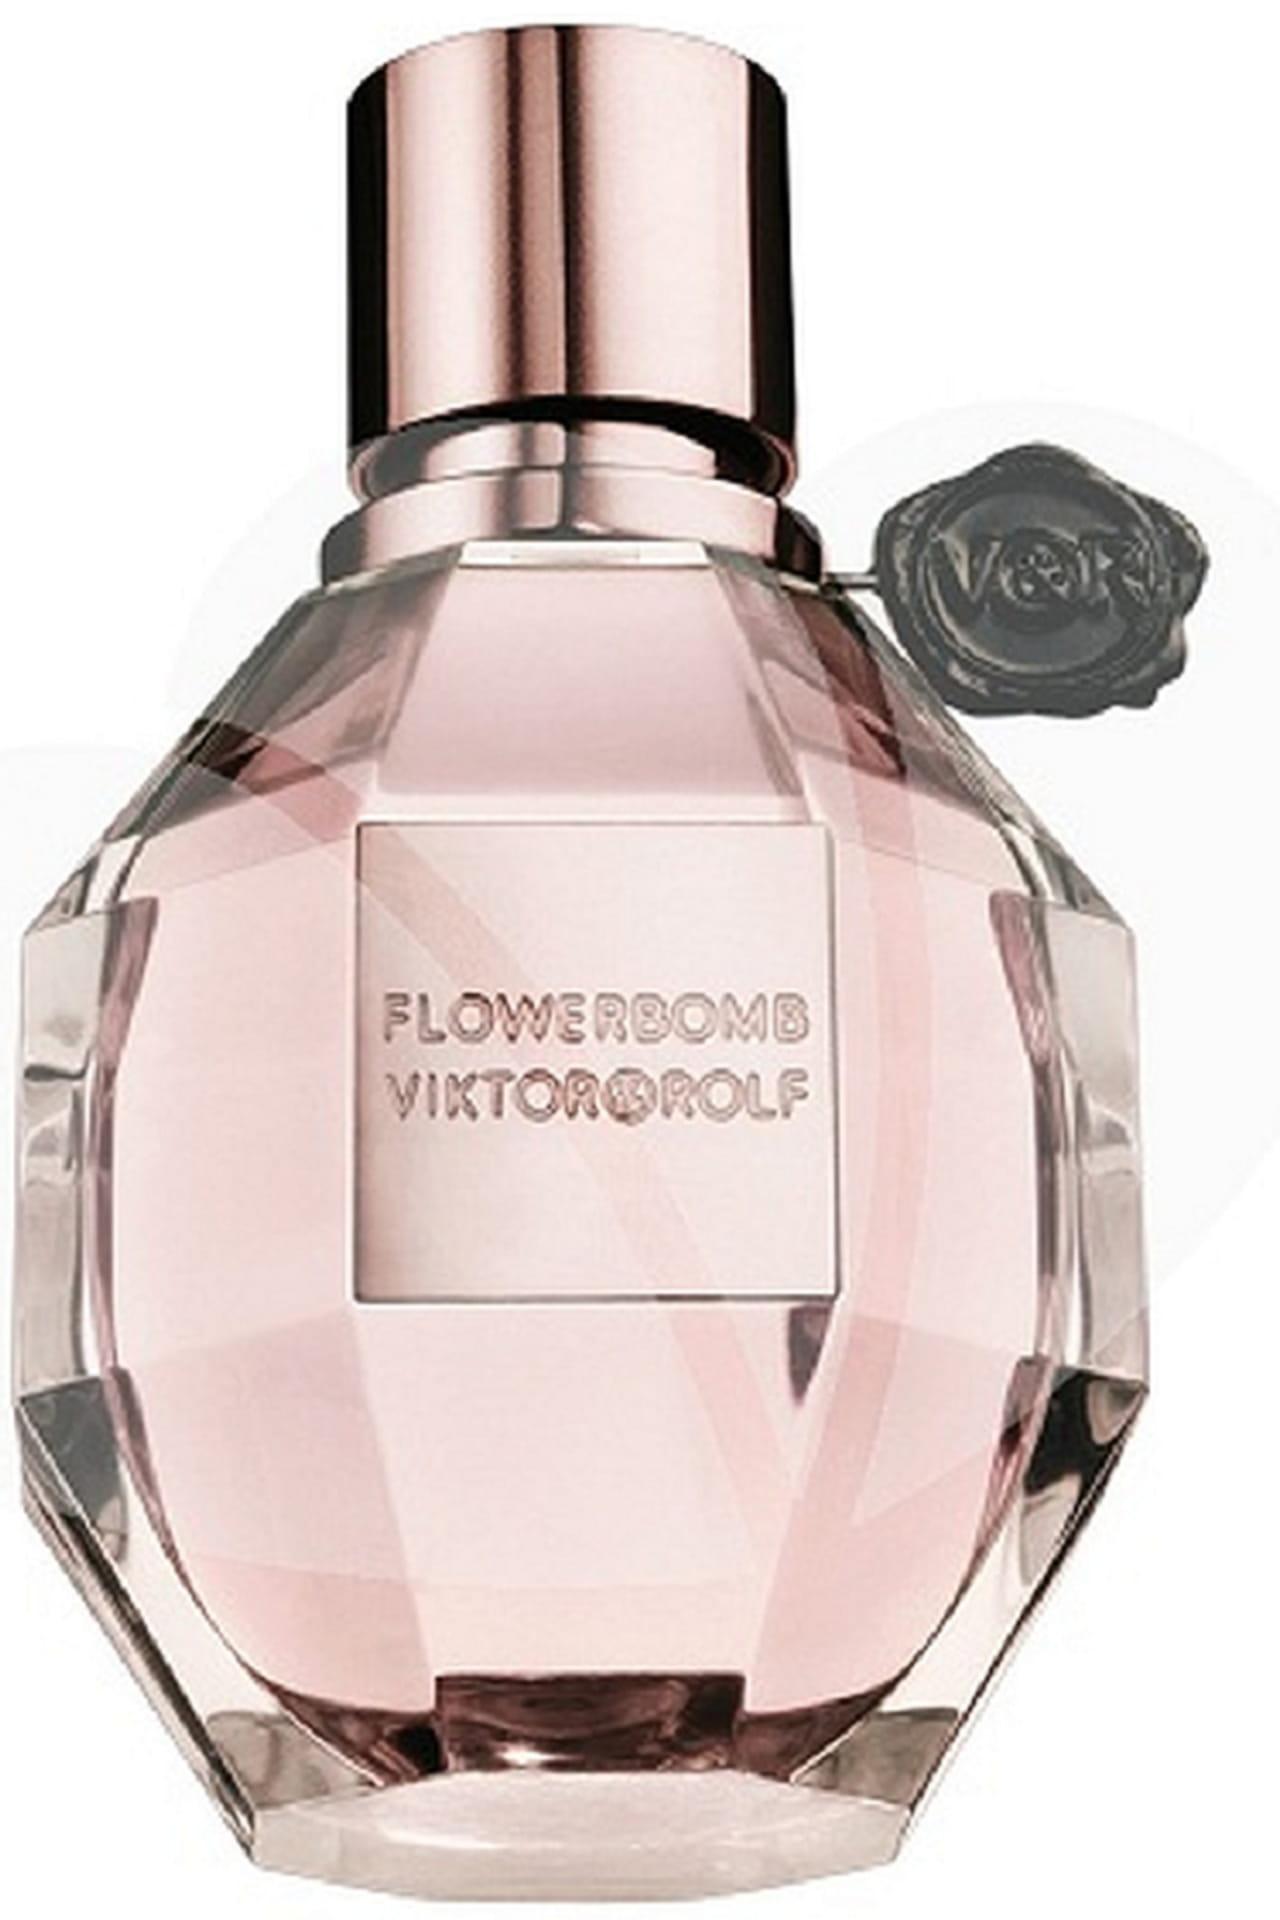 d1d9d400c عطر Viktor & Rolf Flowerbomb من أكثر العطور النسائية مبيعاً على مستوى  العالم. هذا العطر يفوح بروائح الأزهار، فهو مزيج غني من بتلات أزهار  الفريزيا، الياسمين، ...